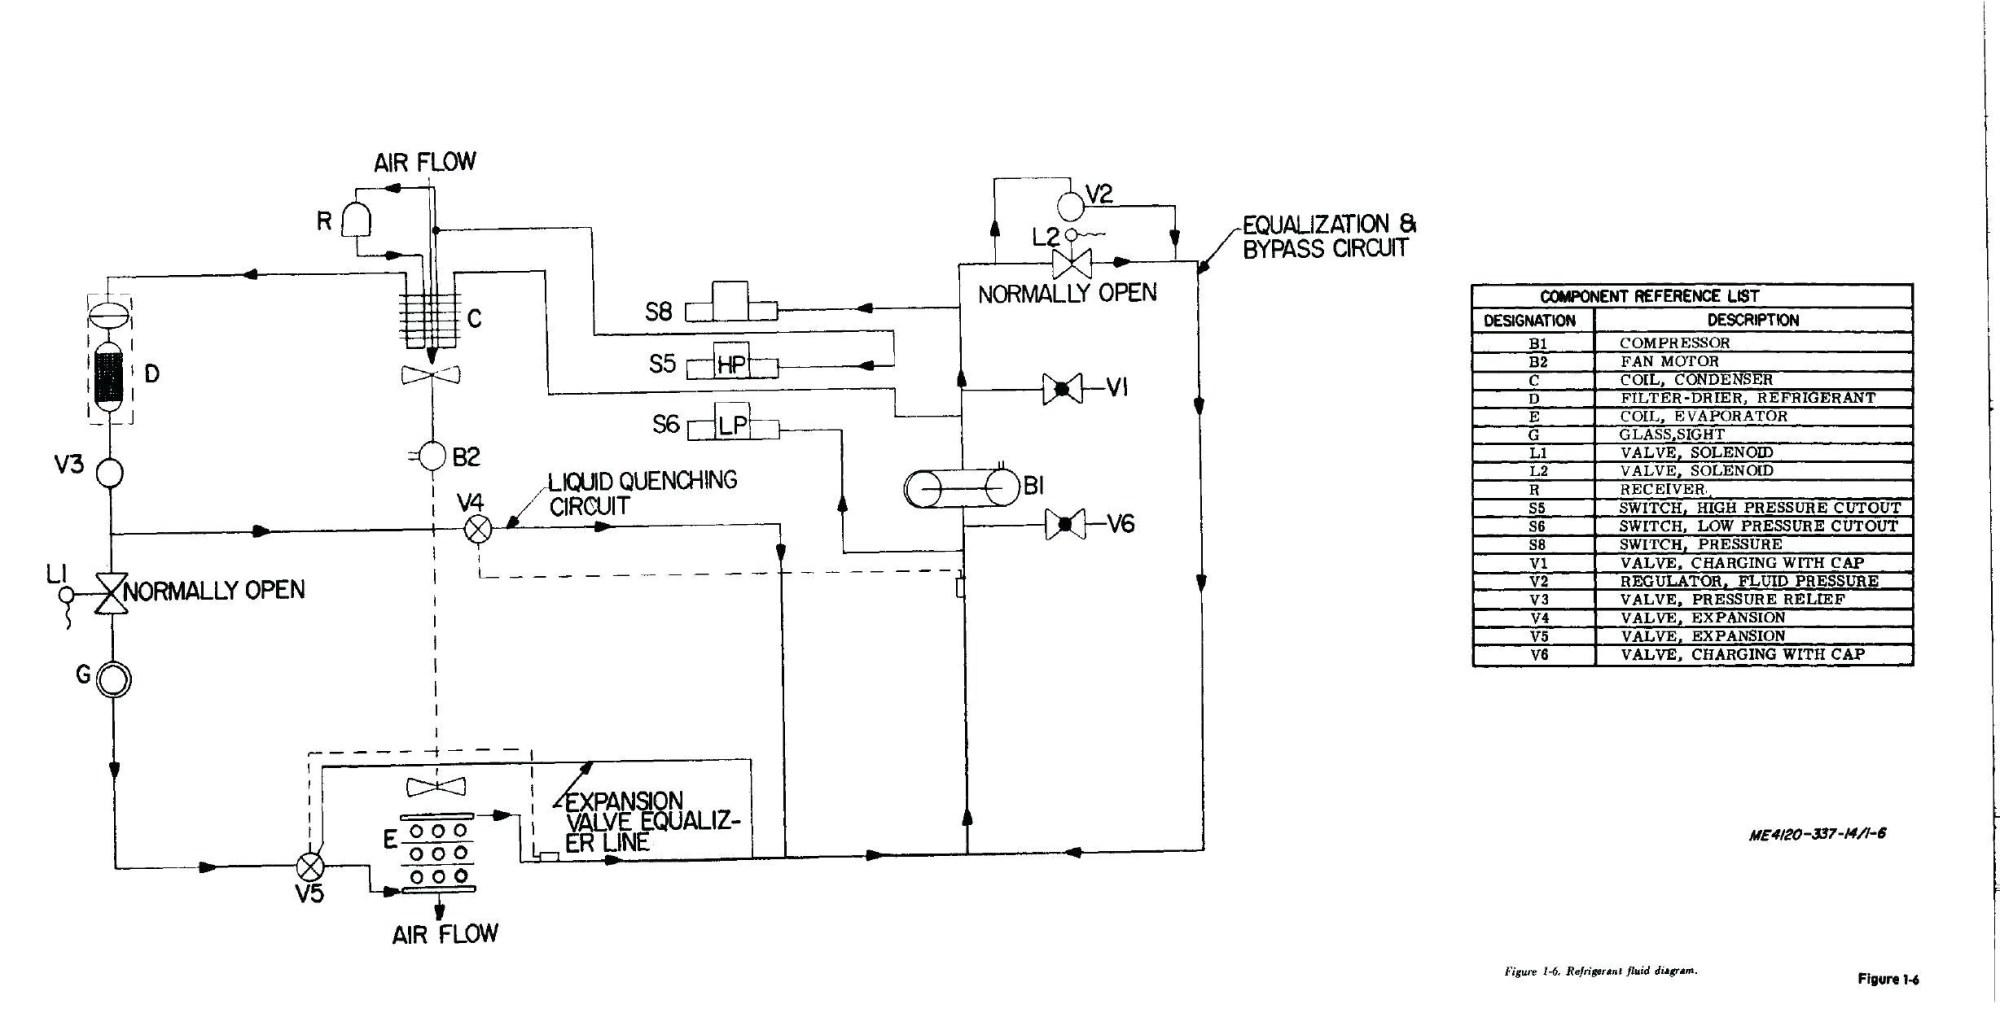 Ebm Fans Australia Wiring Diagram - Wiring Schematics Fan Motor Schematic Diagram on